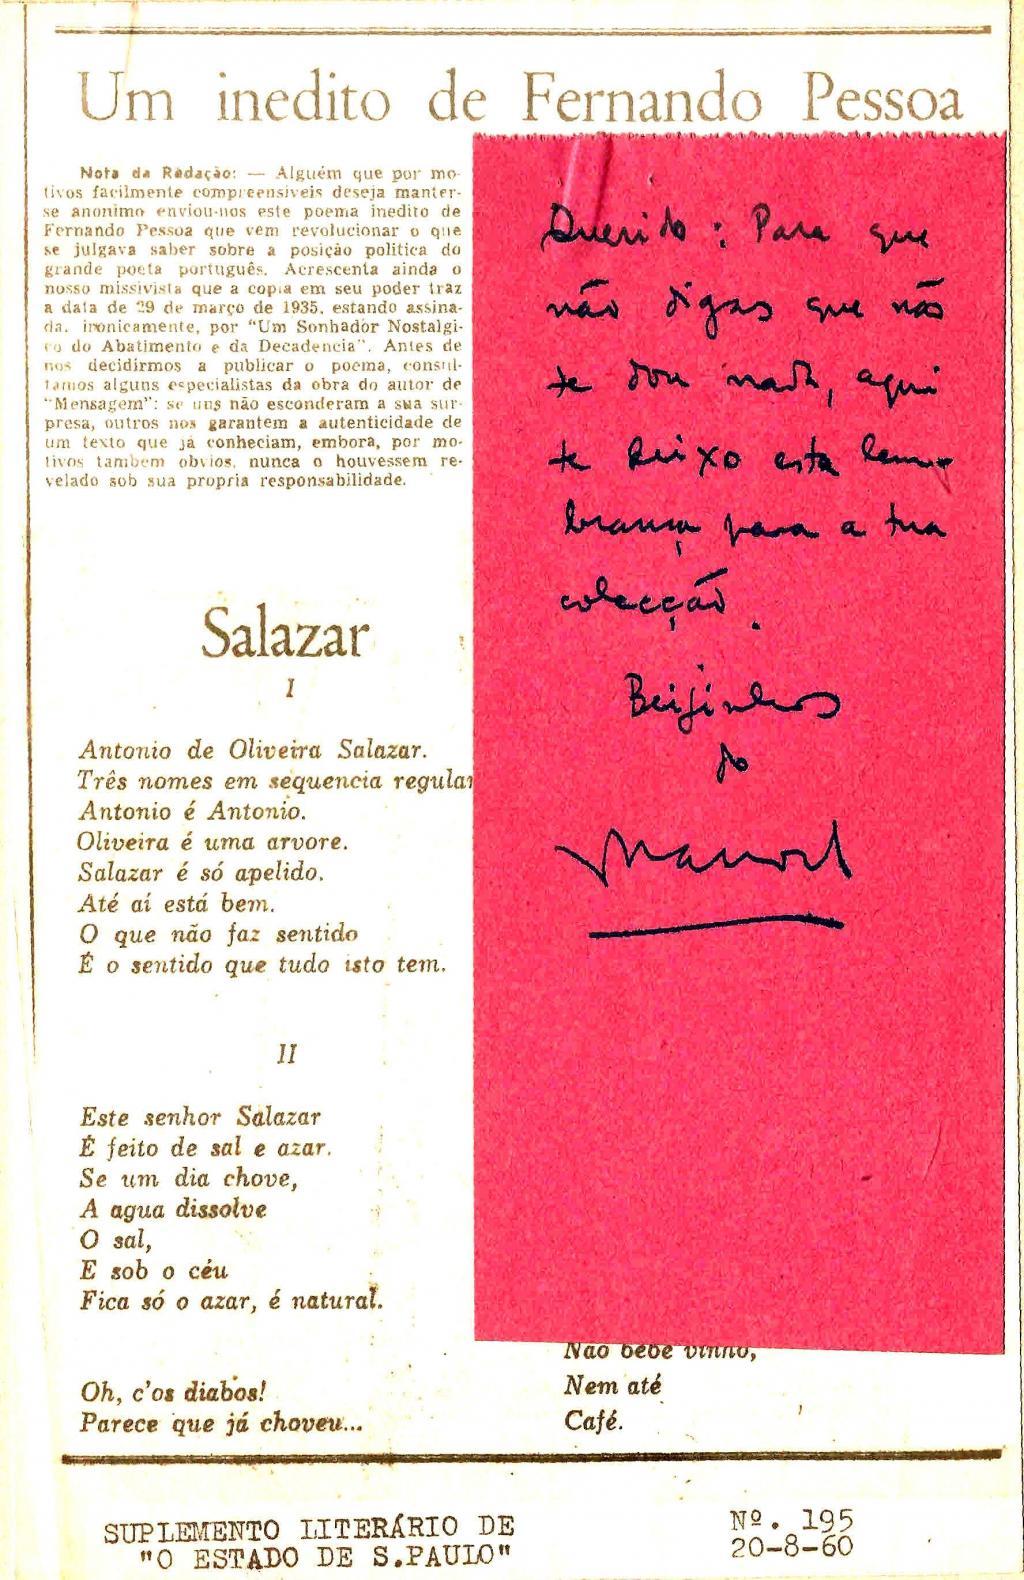 Arquivo Ephemera: poemas de Fernando Pessoa (1960)